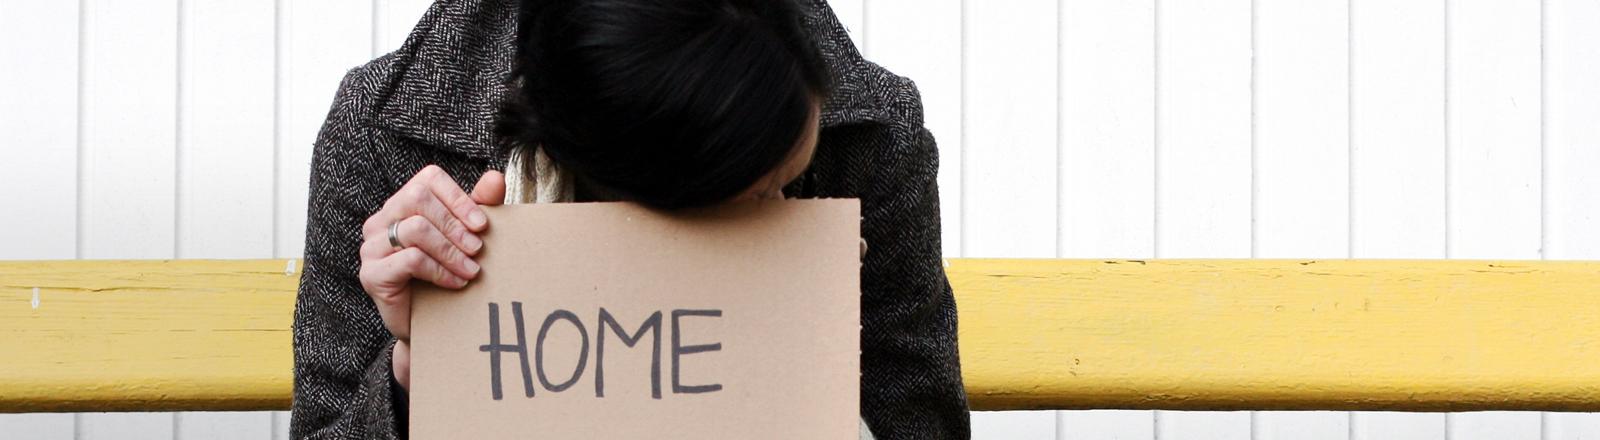 Eine Frau sitzt auf einer Bank und hat ein Schild auf dem Schoß, auf dem Home steht